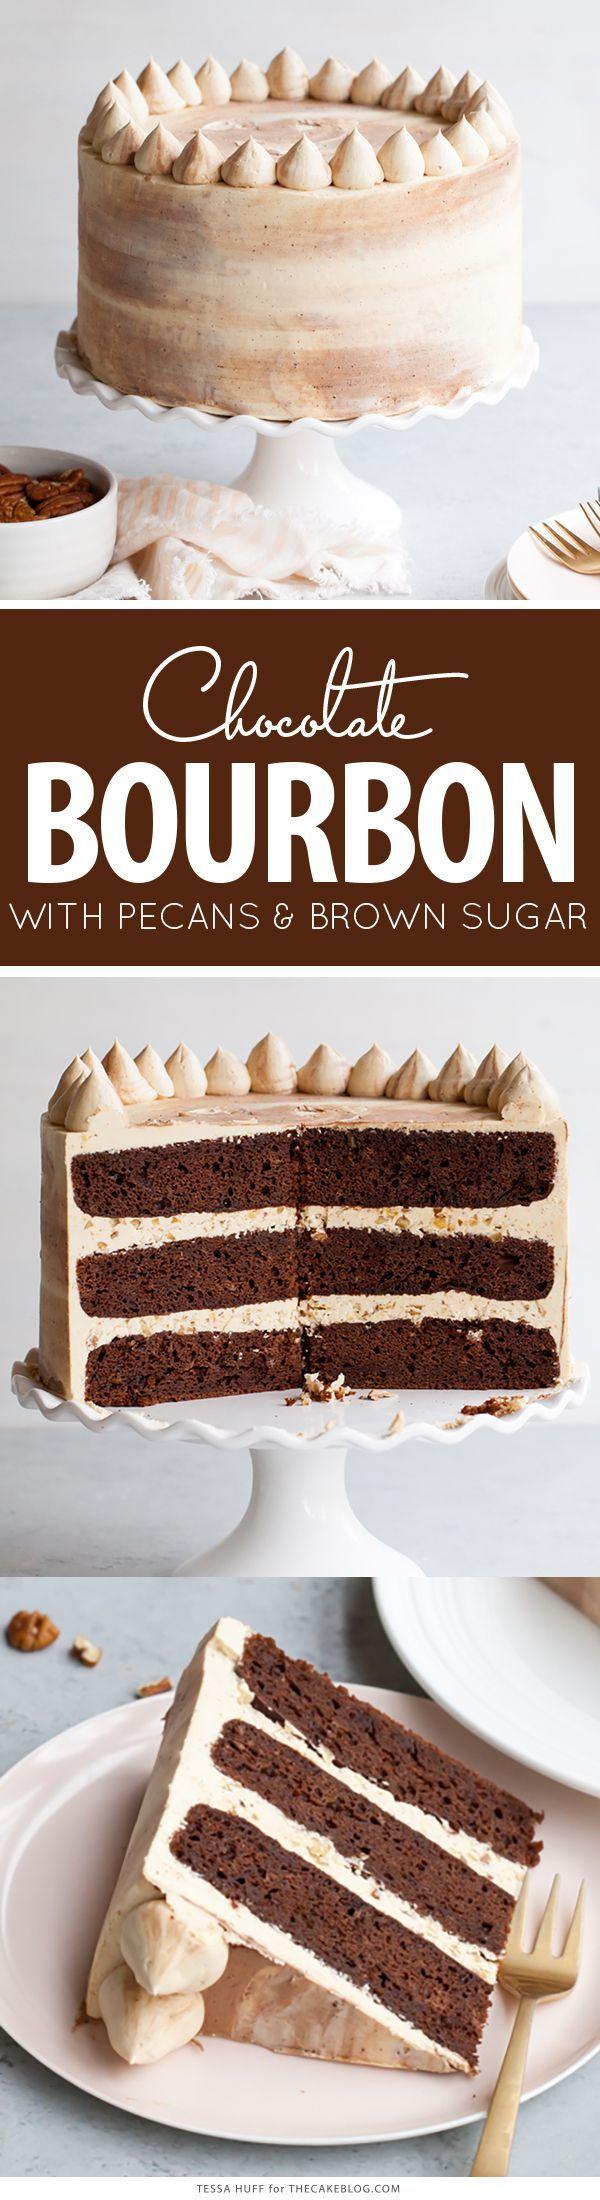 Chocolate Bourbon Pecan Cake   by Tessa Huff for TheCakeBlog.com